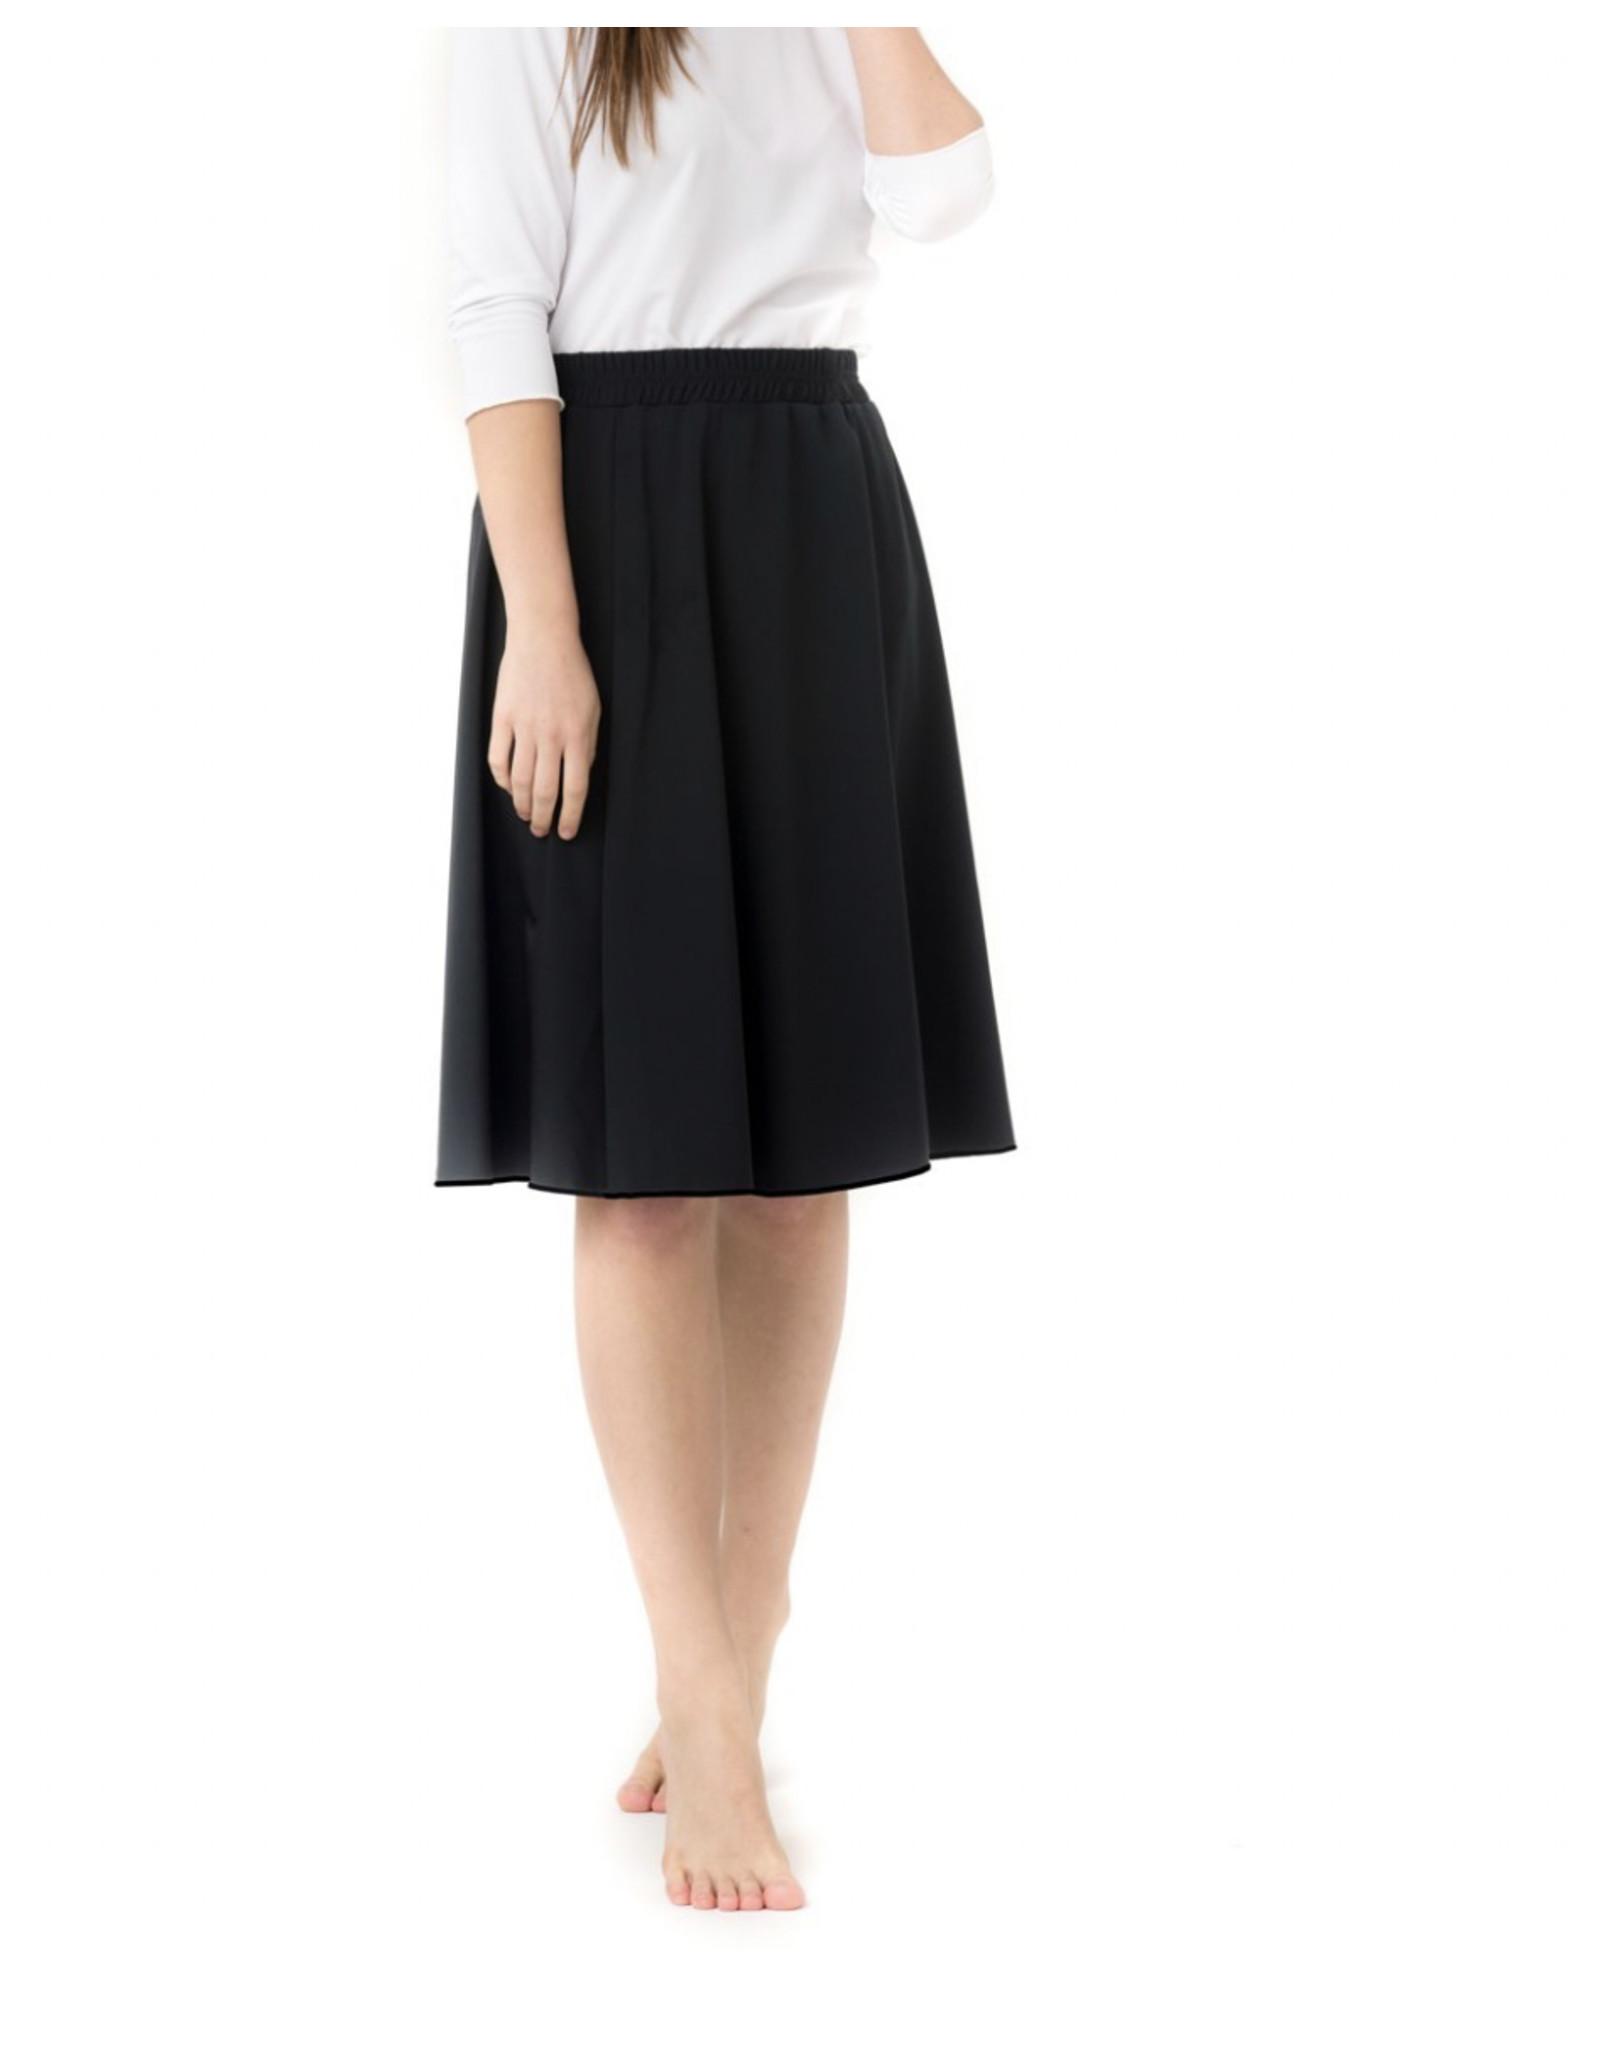 Undercover Waterwear Undercover Waterwear Ladies Flairy Skirt